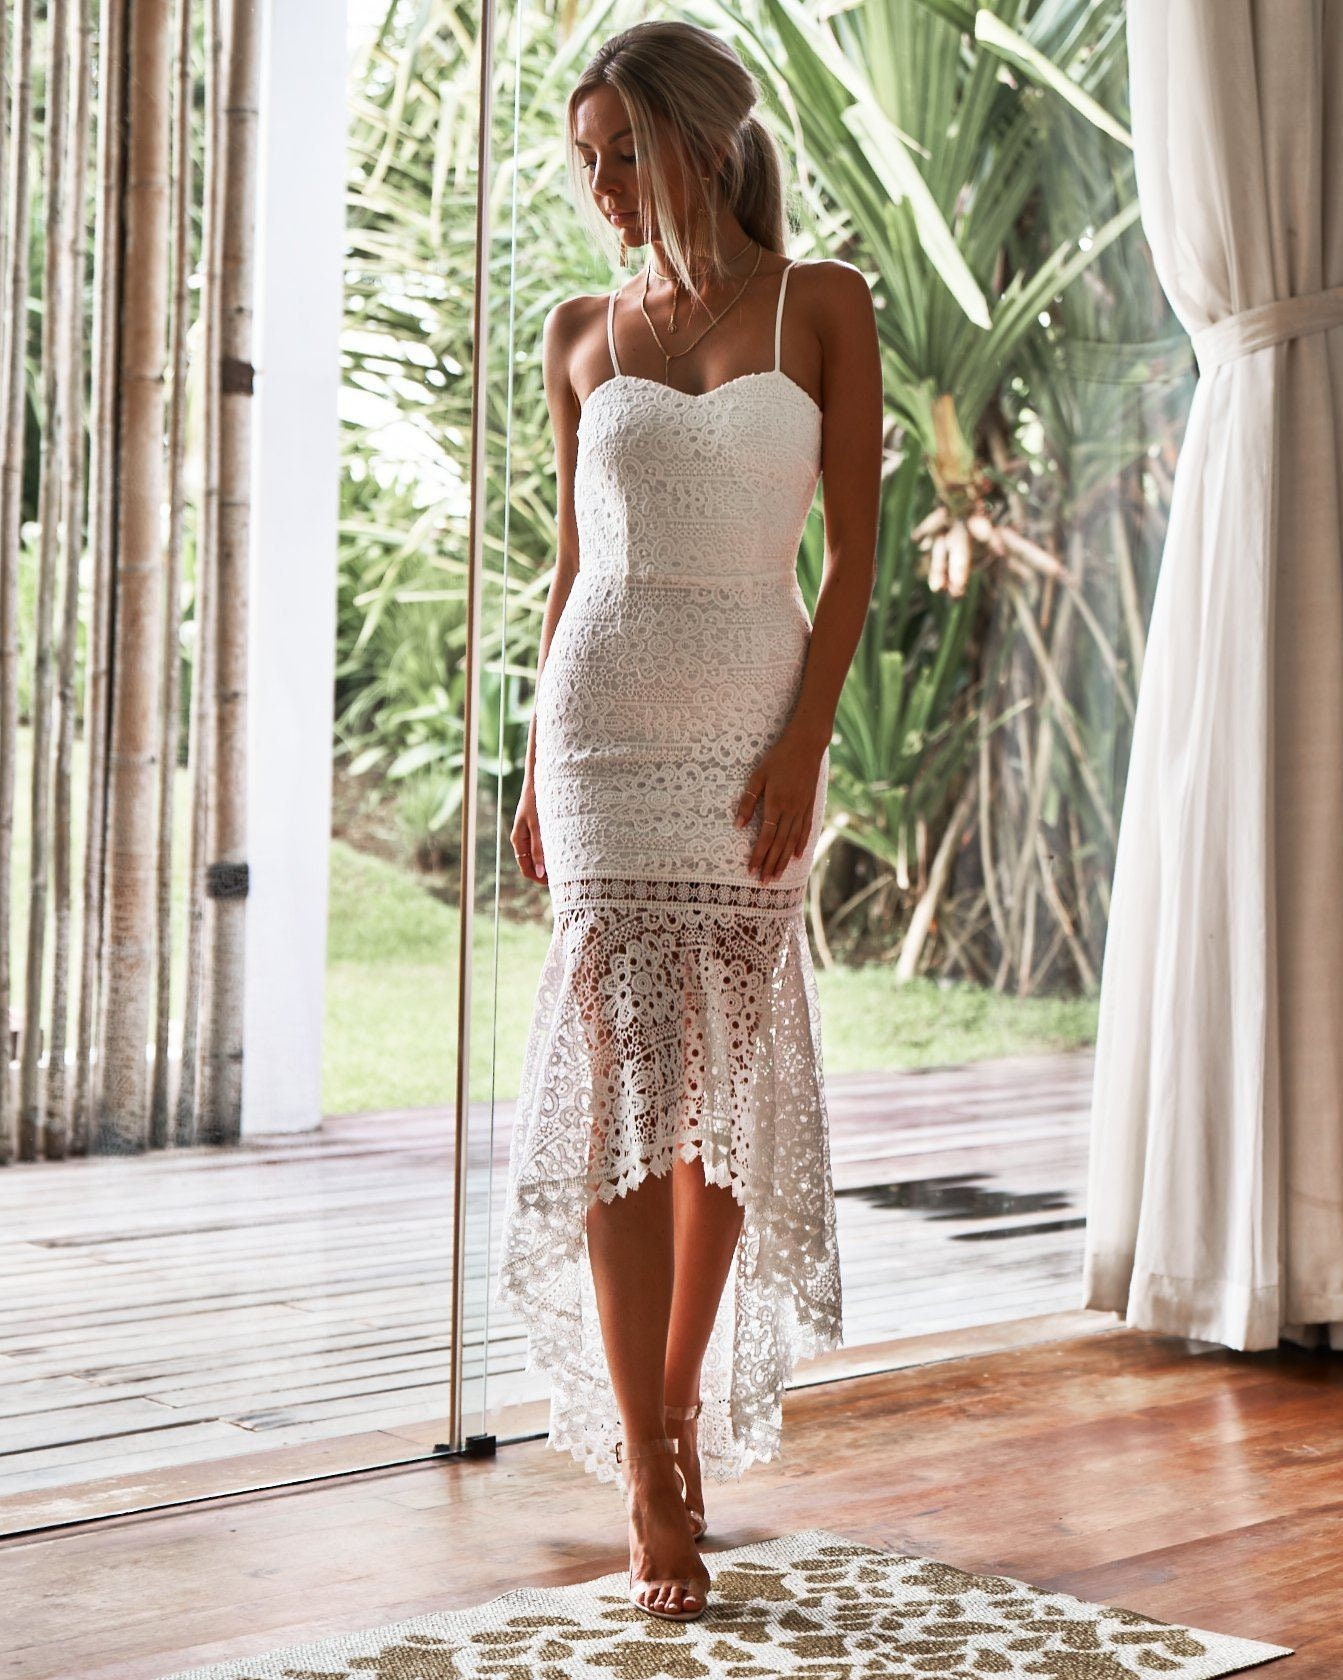 Mesina Kleid - weiß - Strand Brautkleid, Brautkleider, rückenlose  Hochzeitskleid, weiße Spitze Brautkleid, weißes Kleid für Frauen